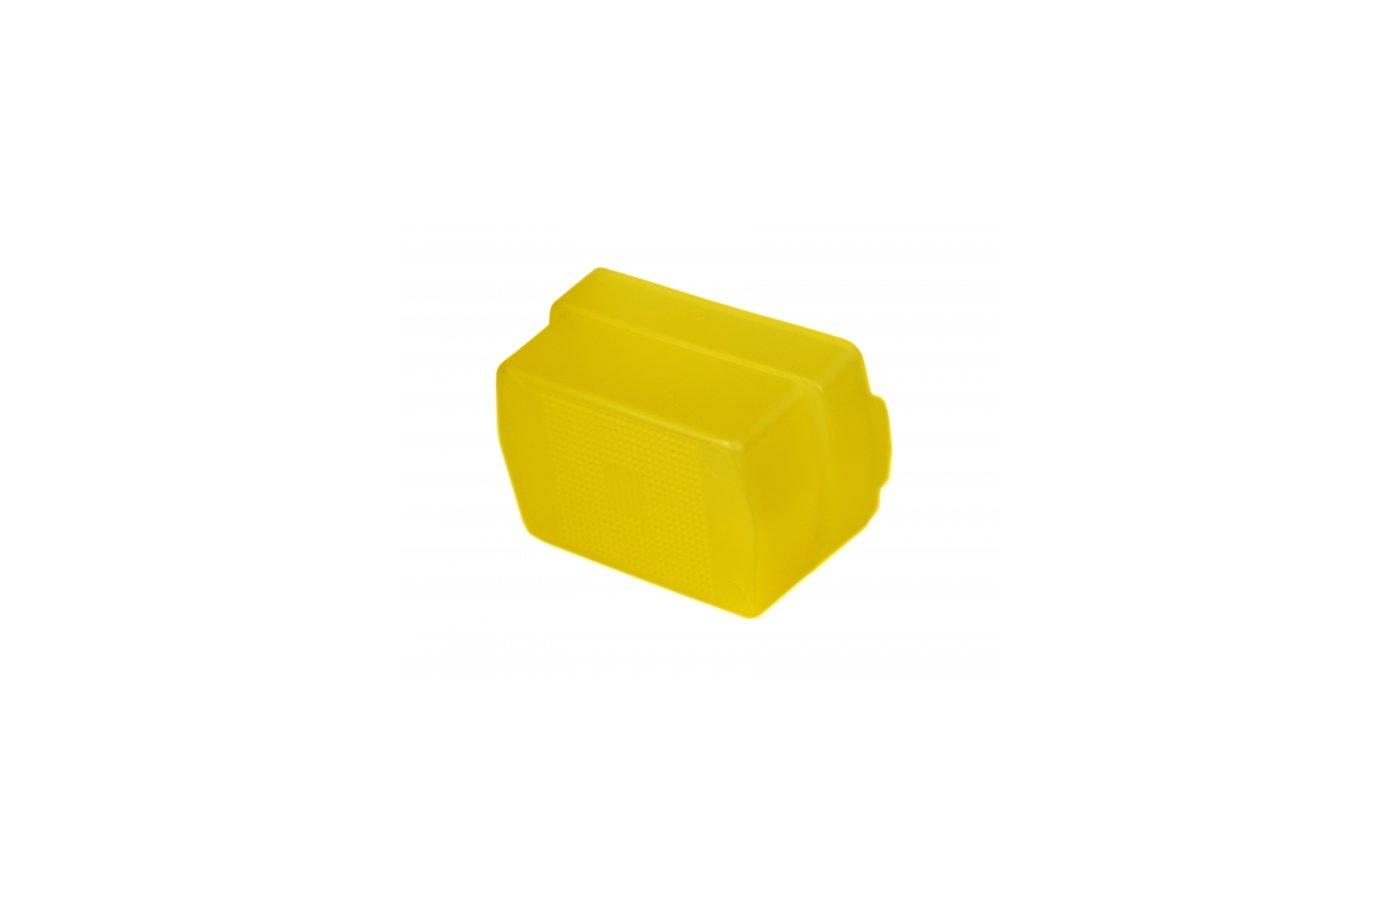 Вспышка JJC FC-26C желтый для вспышек Nikon/Sony рассеиватель